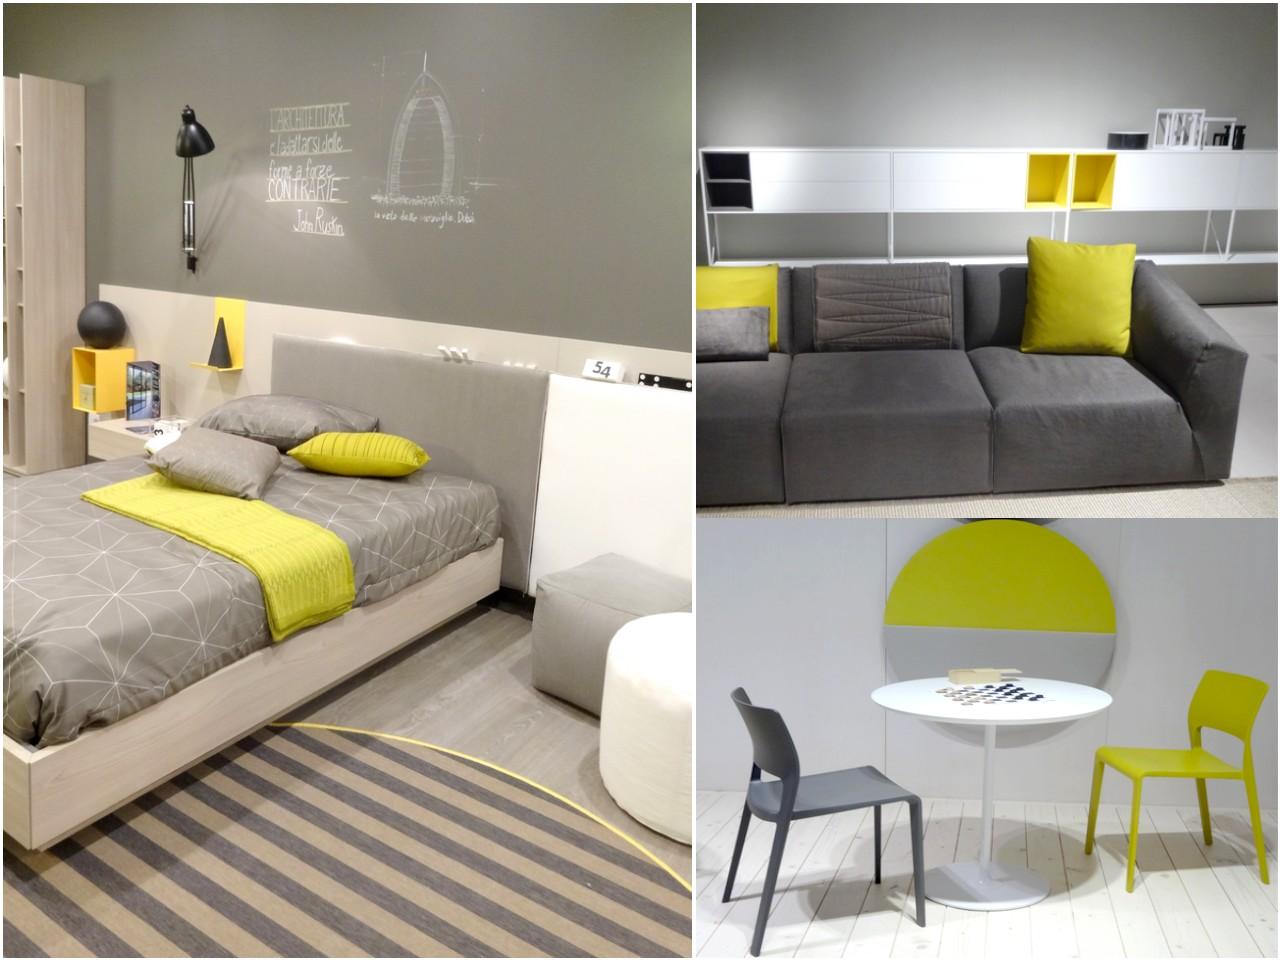 Nuevas tendencias en decoracion de interiores excellent - Decoracion de interiores ...